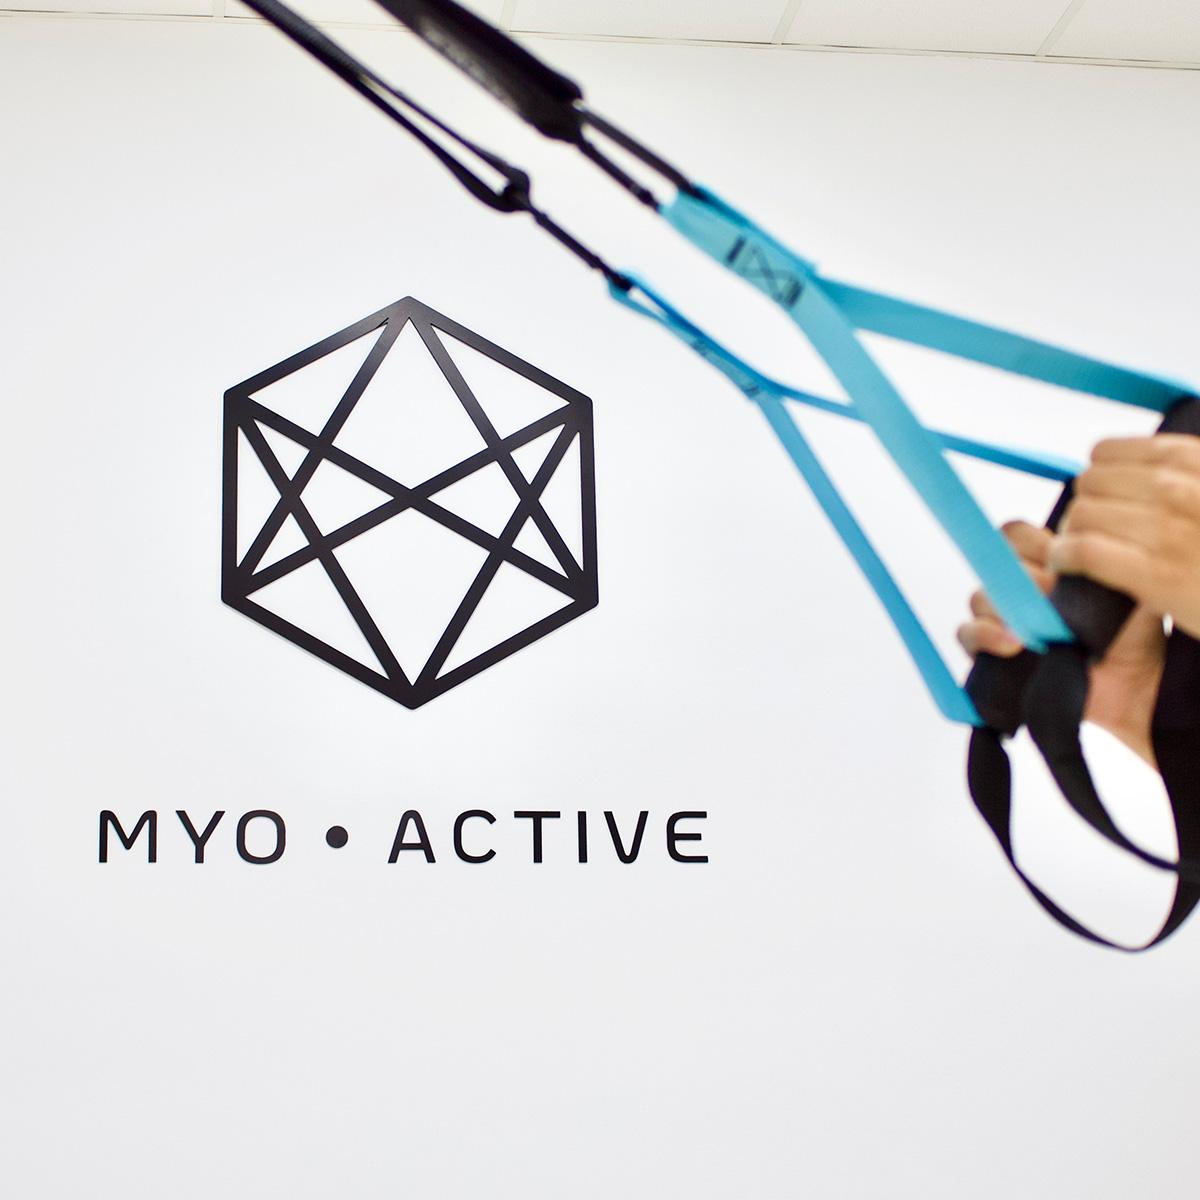 myo-active2